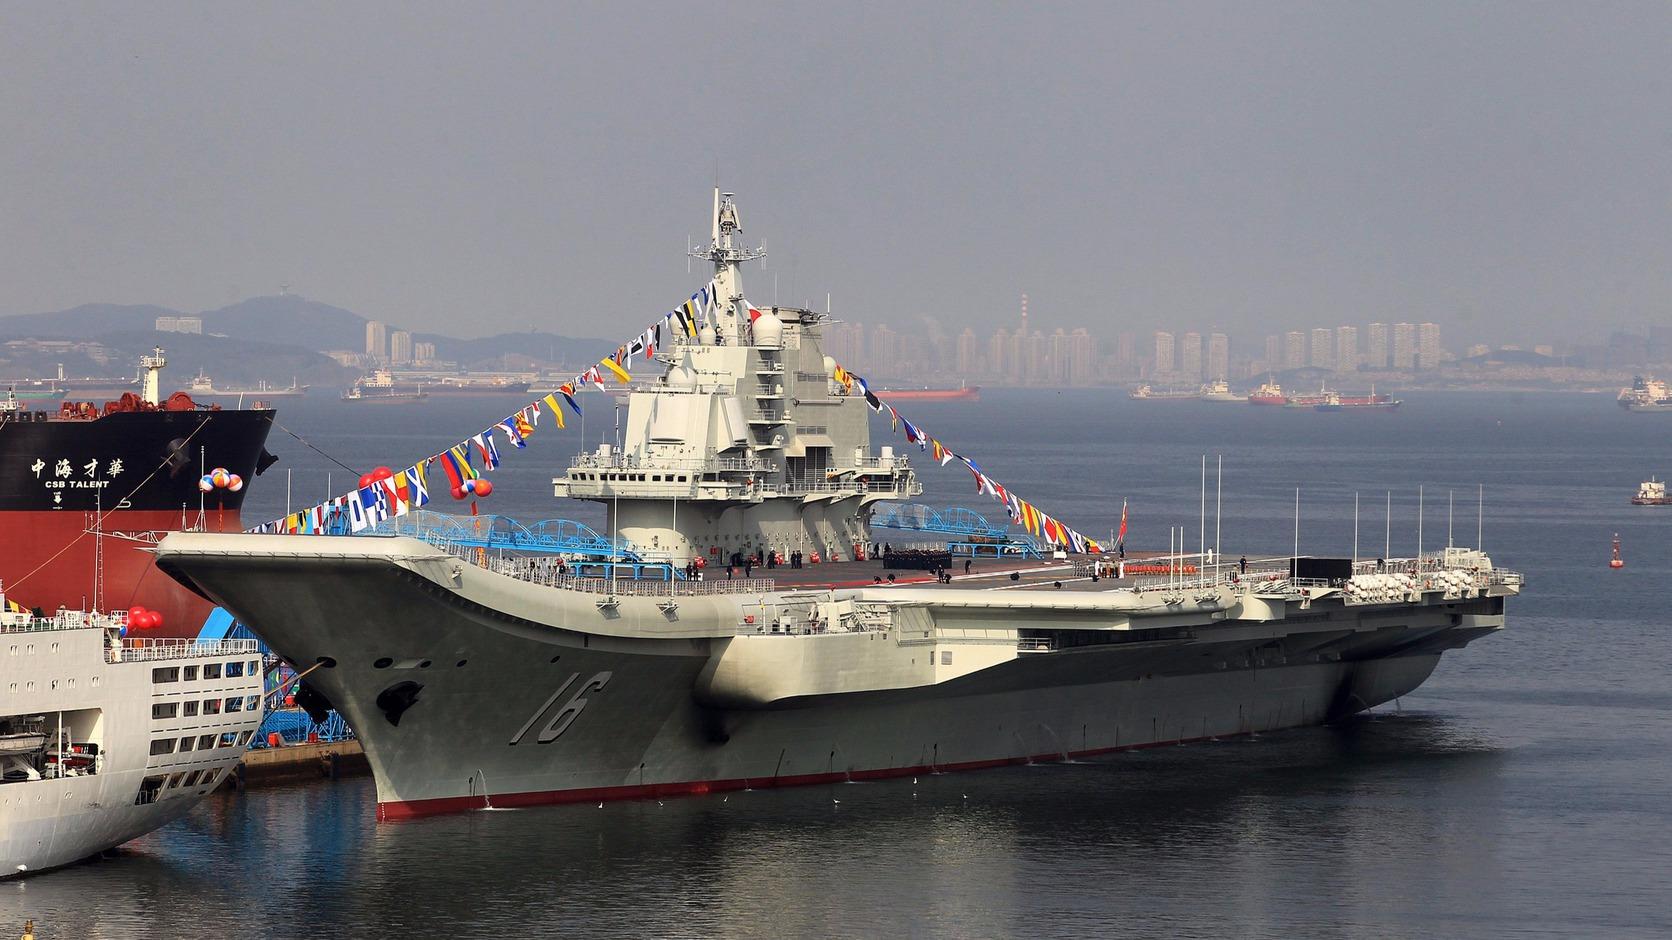 Liaoning kínai repülőgép-hordozó egy kínai kikötőjében. MTI/EPA Fotó